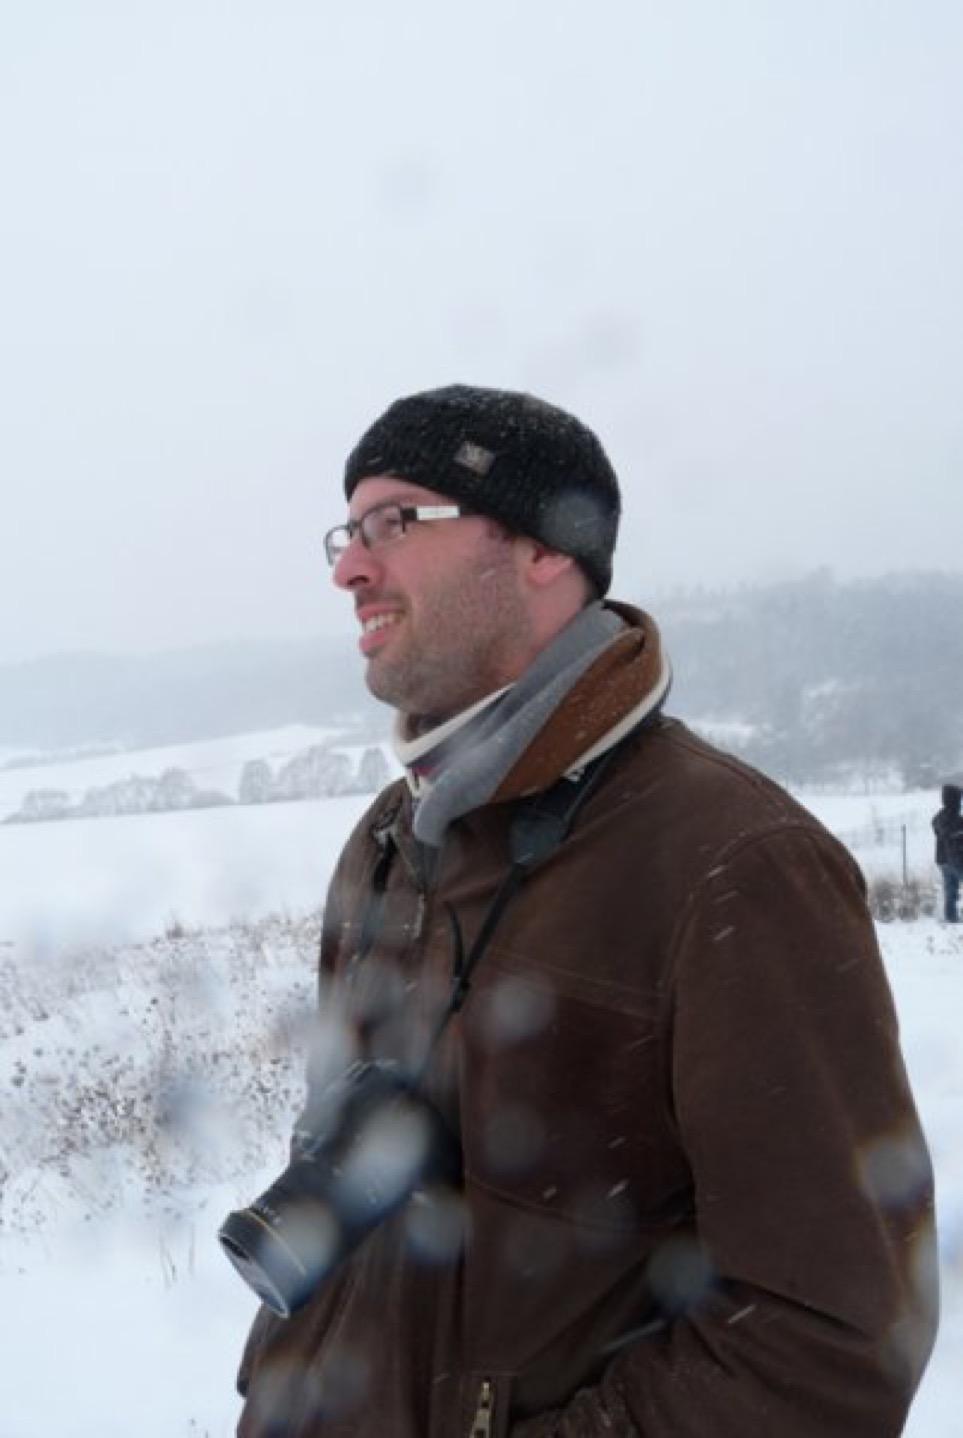 Oči sněhem zaváté